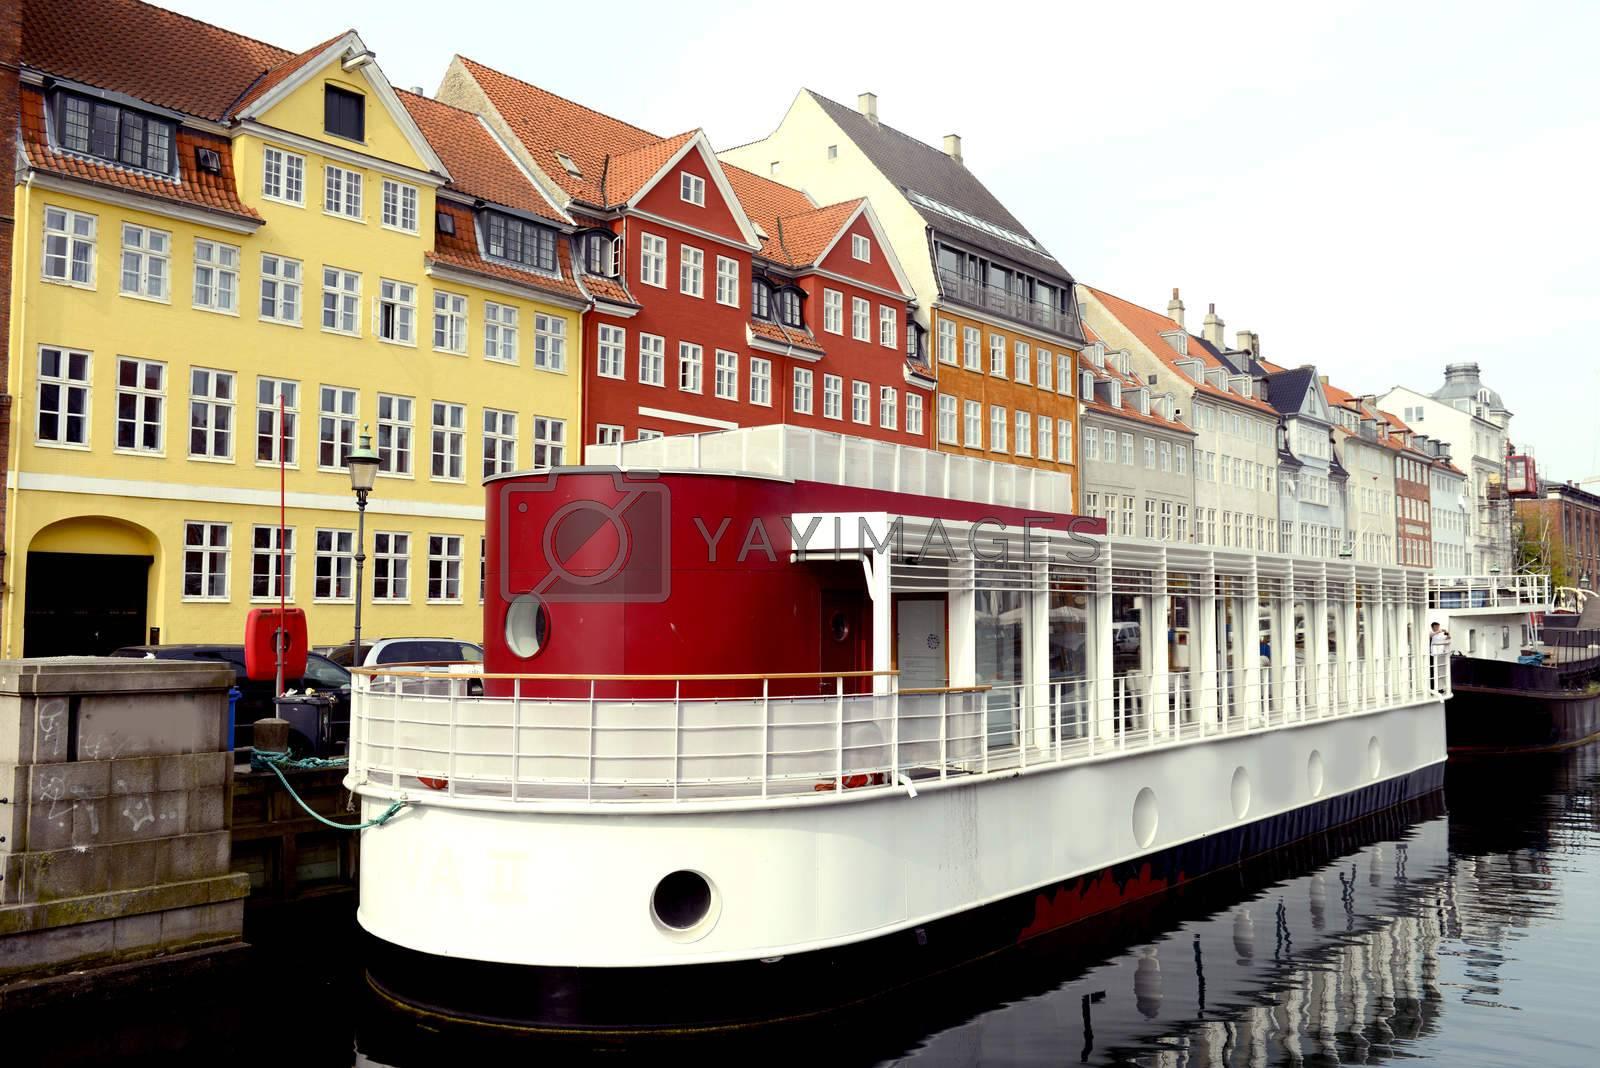 Boatsi in the canal of Nyhavn in Copenhagen, Denmark. Taken on May 2012.